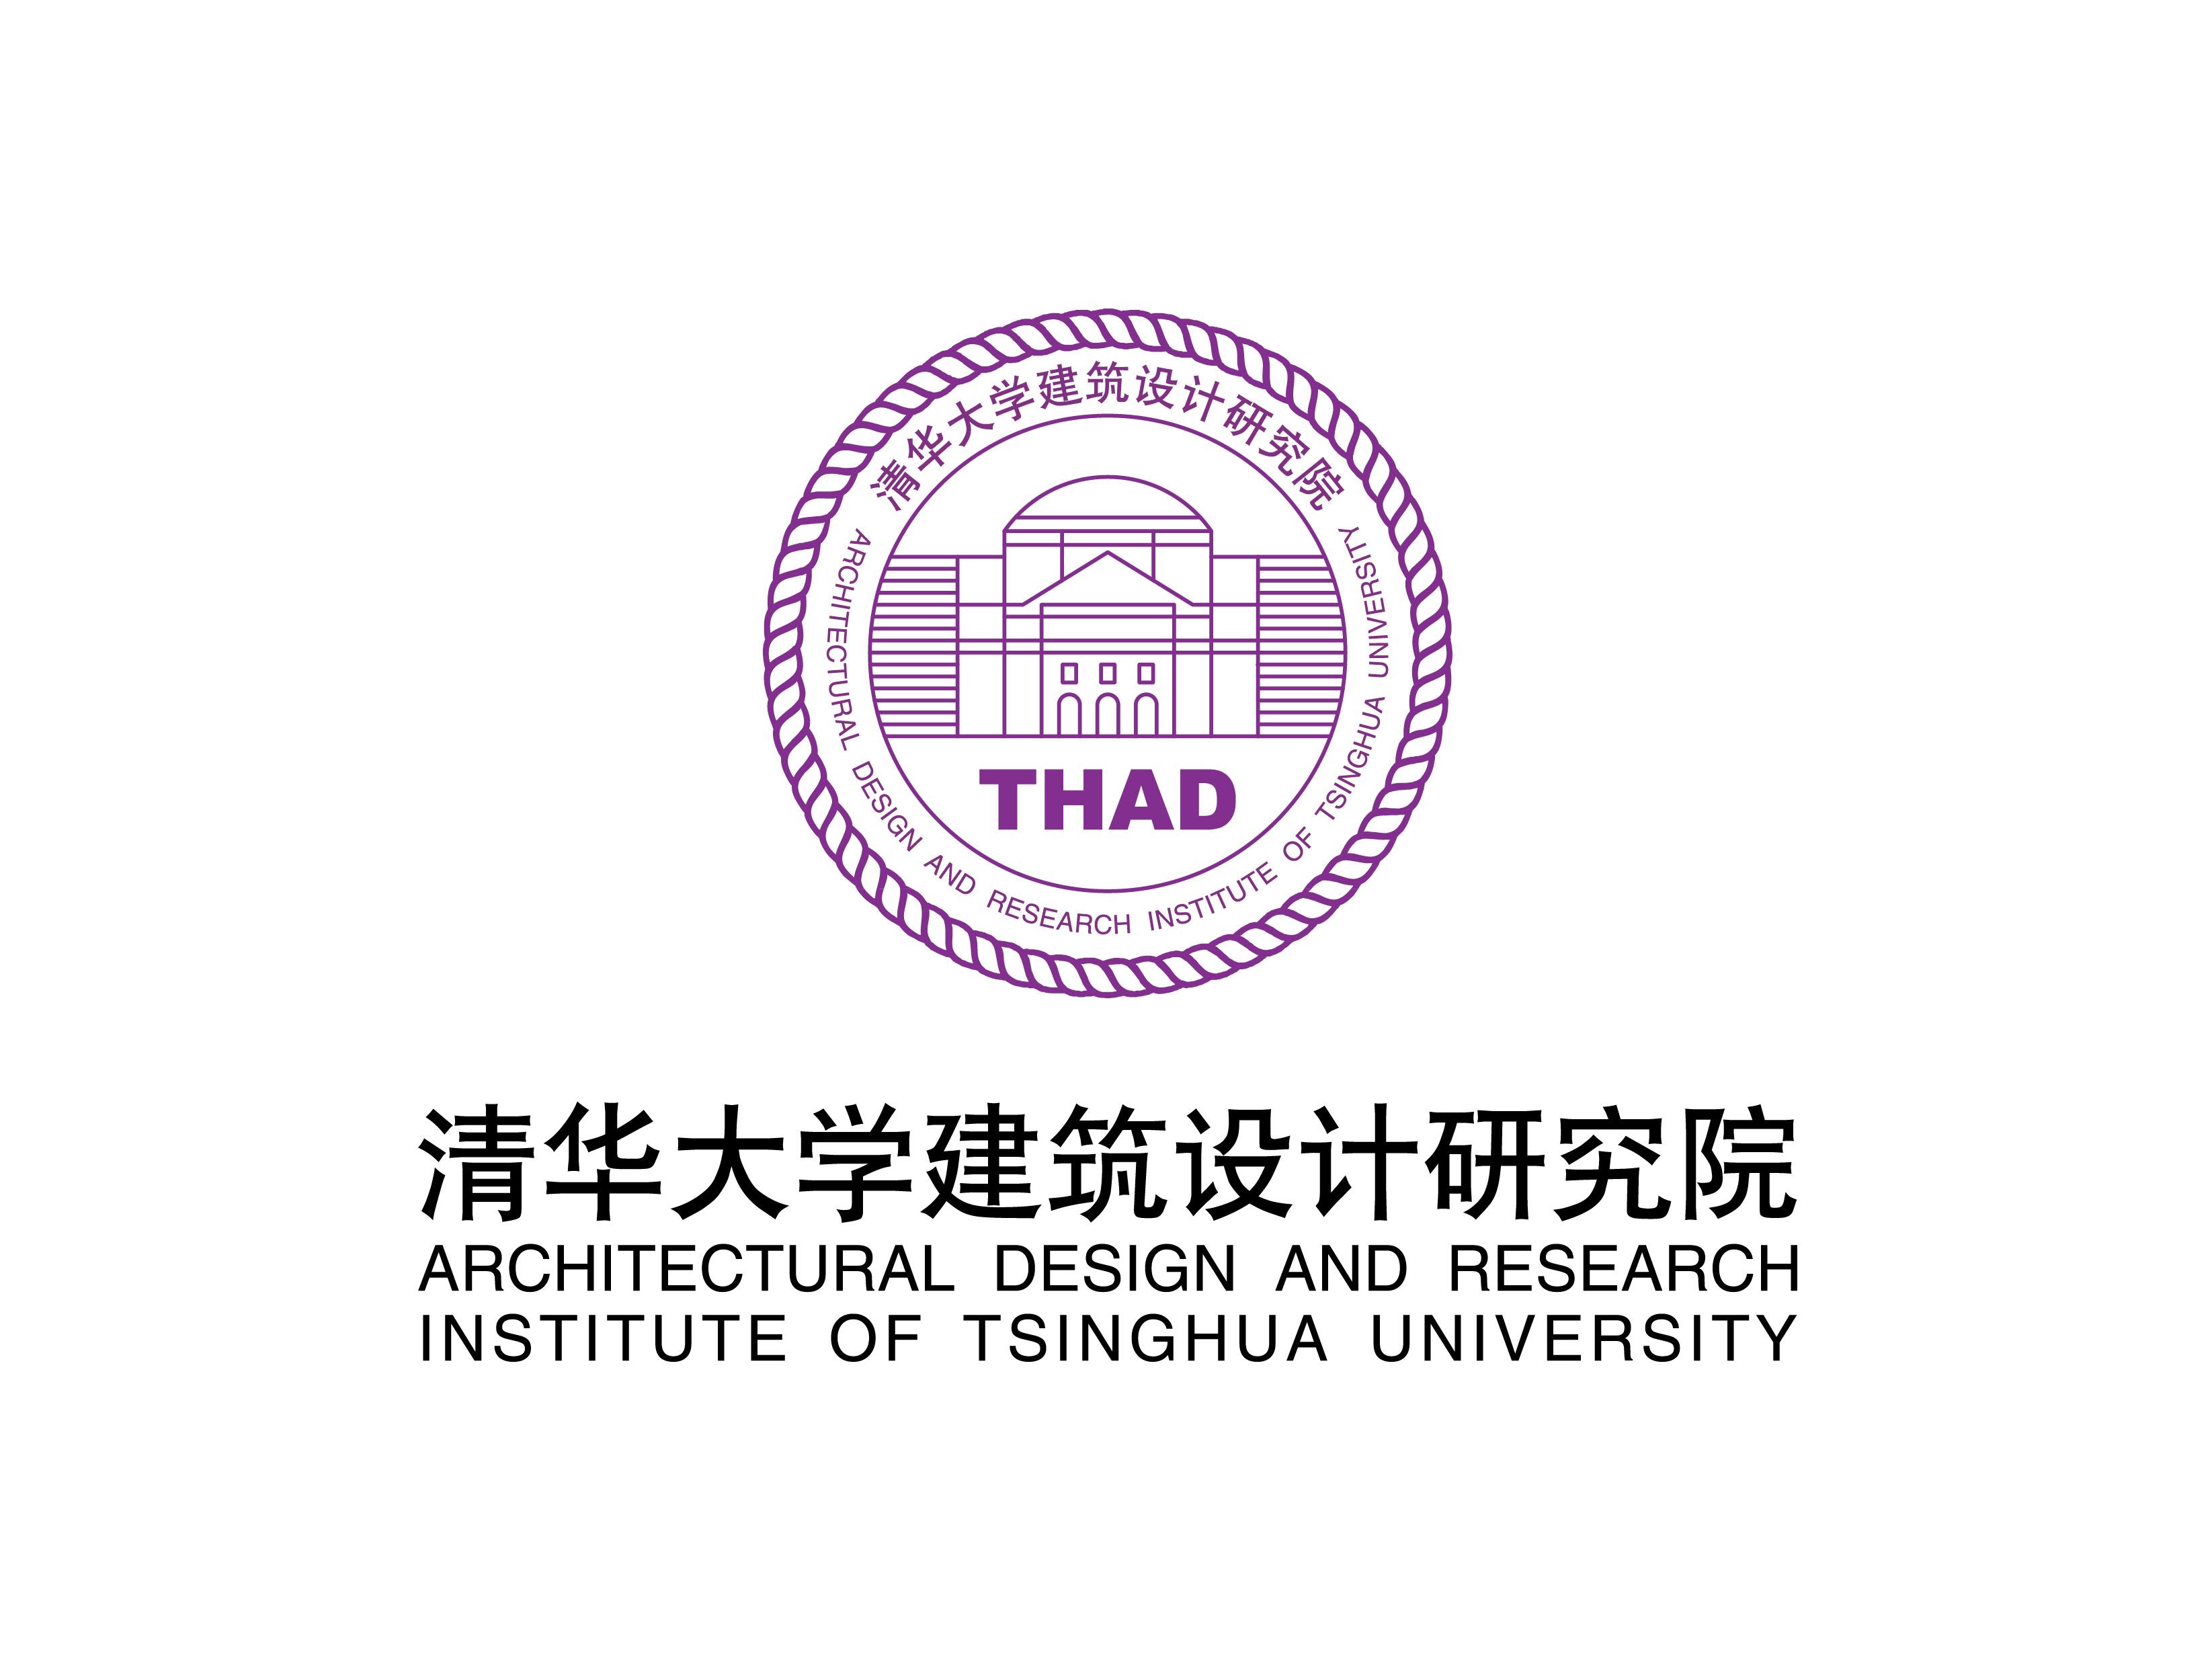 清华大学建筑设计研究院标志及vi设计图片